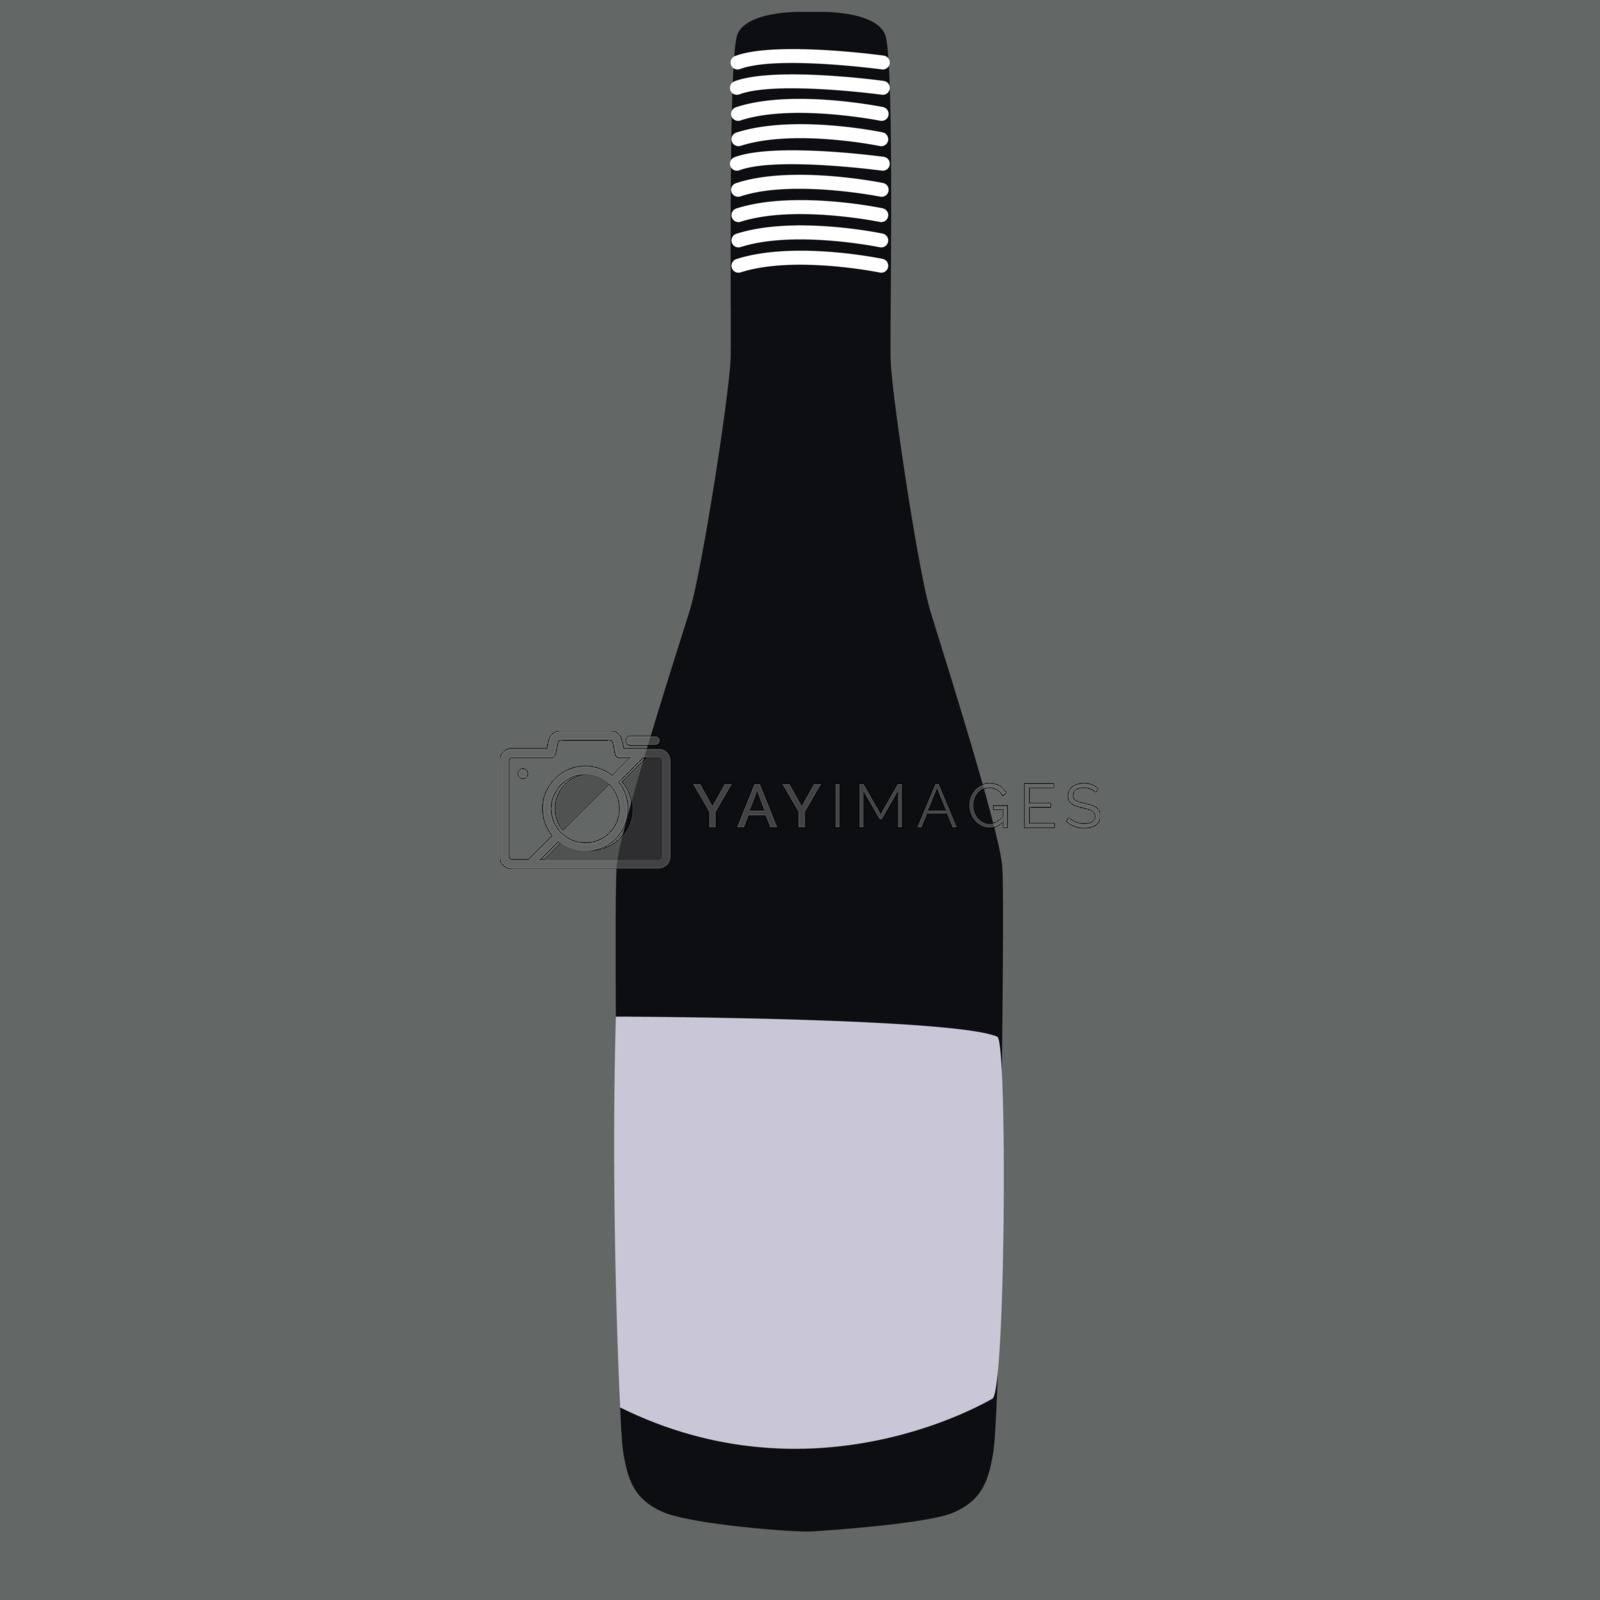 Black bottle, illustration, vector on white background.